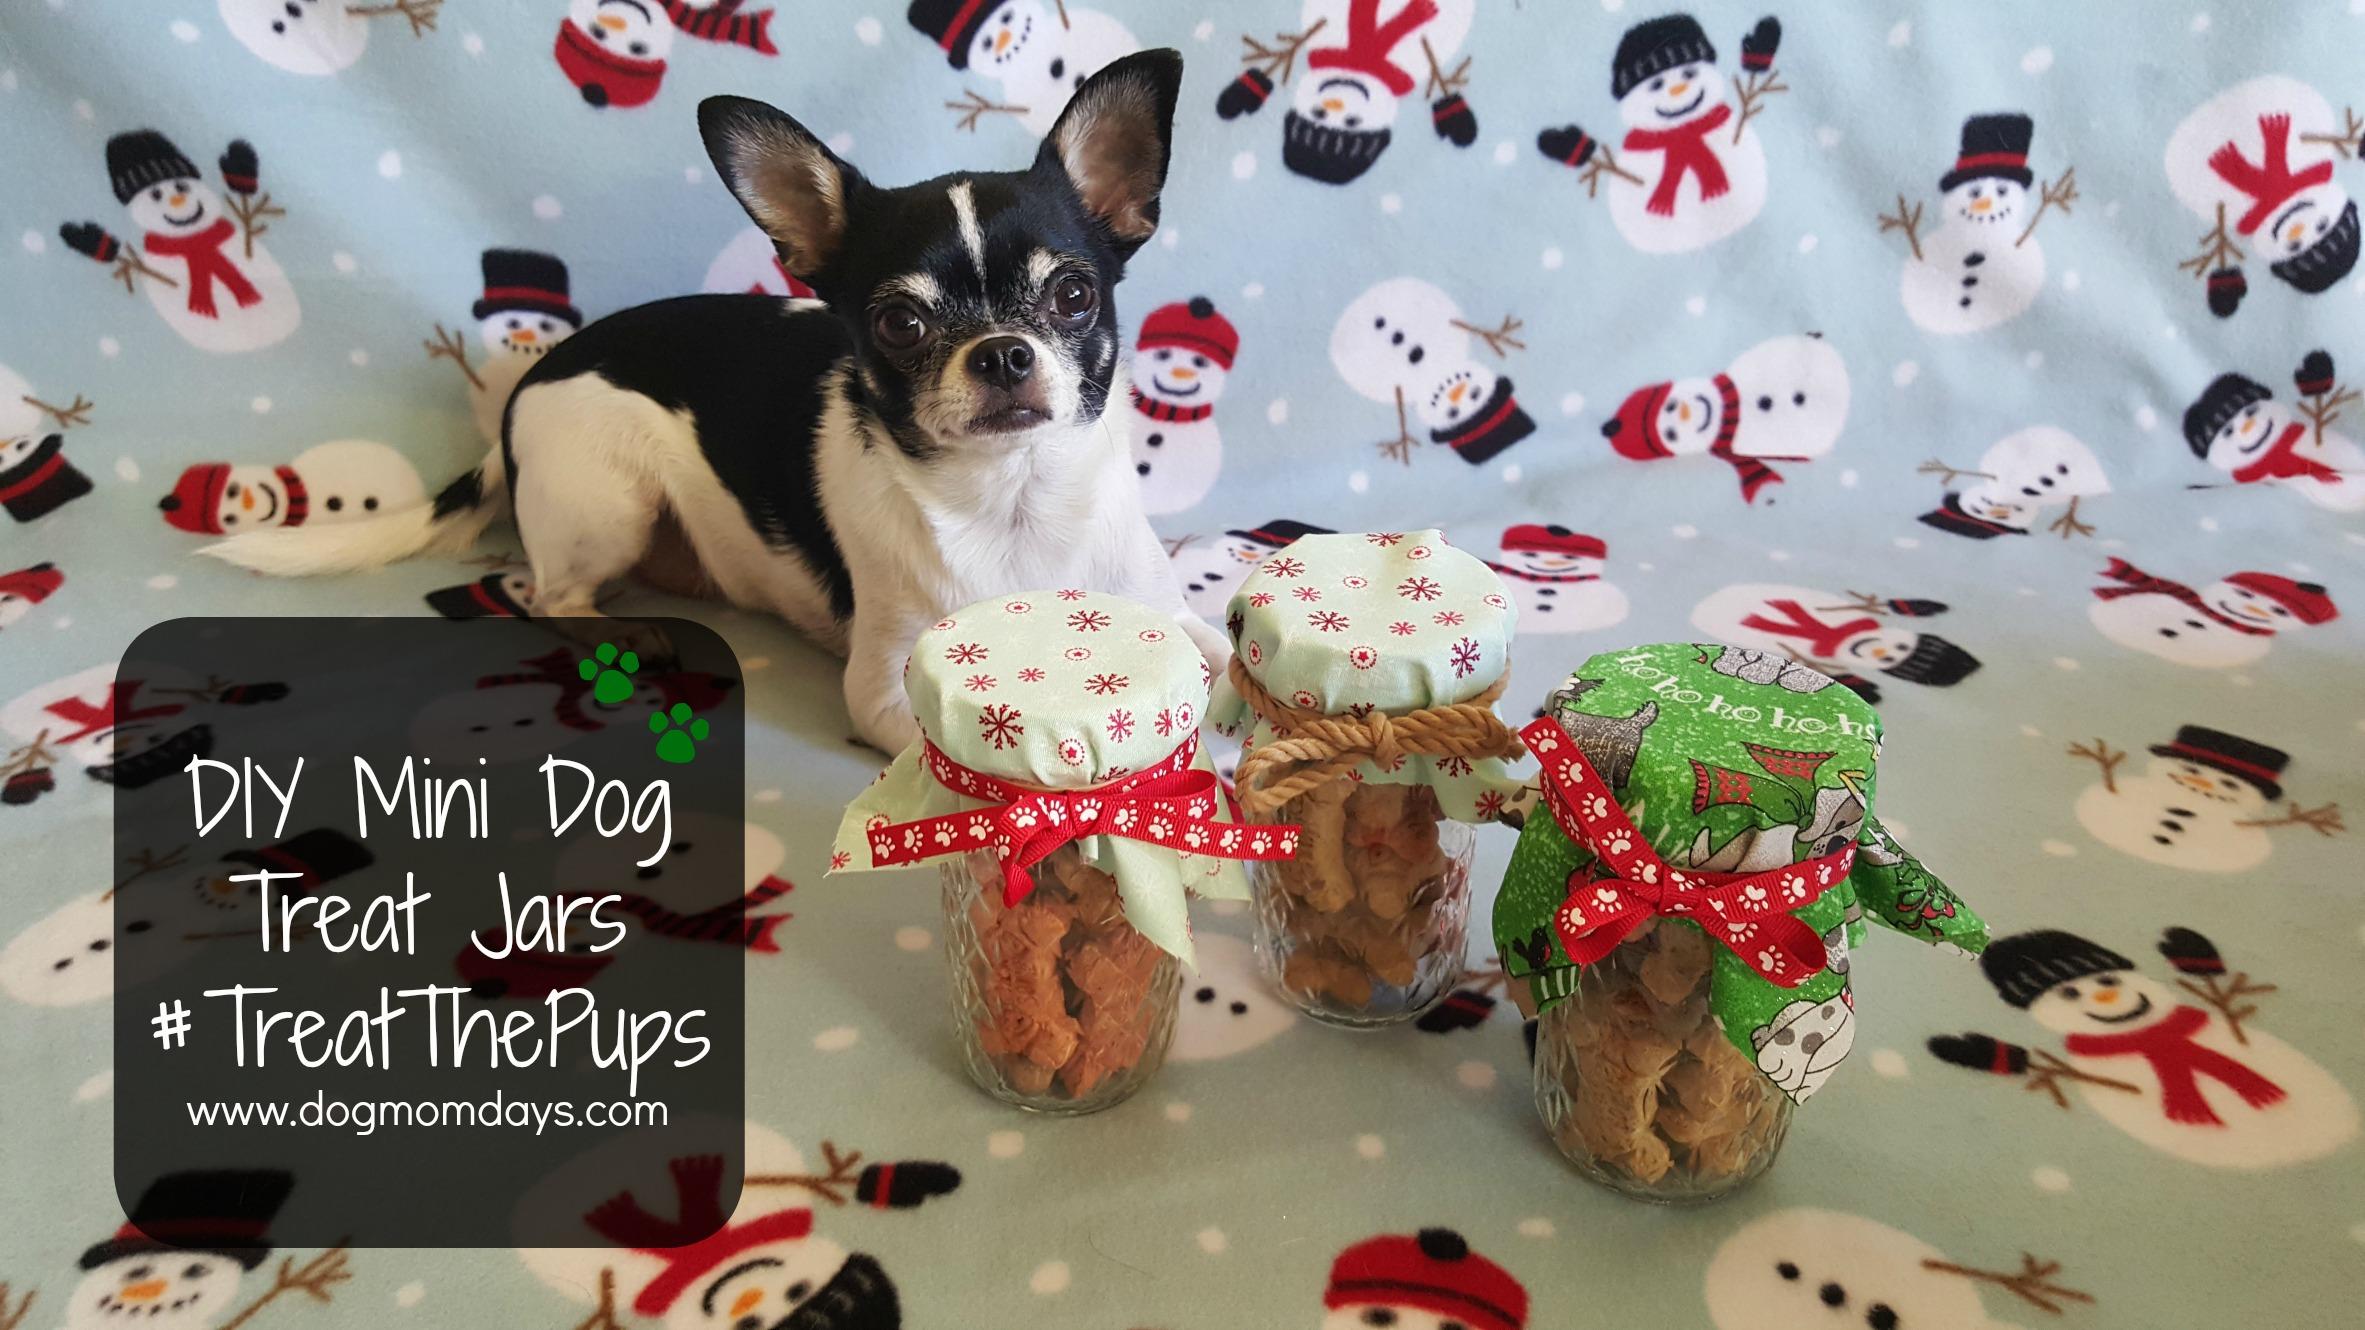 DIY Mini Dog Treat Jars